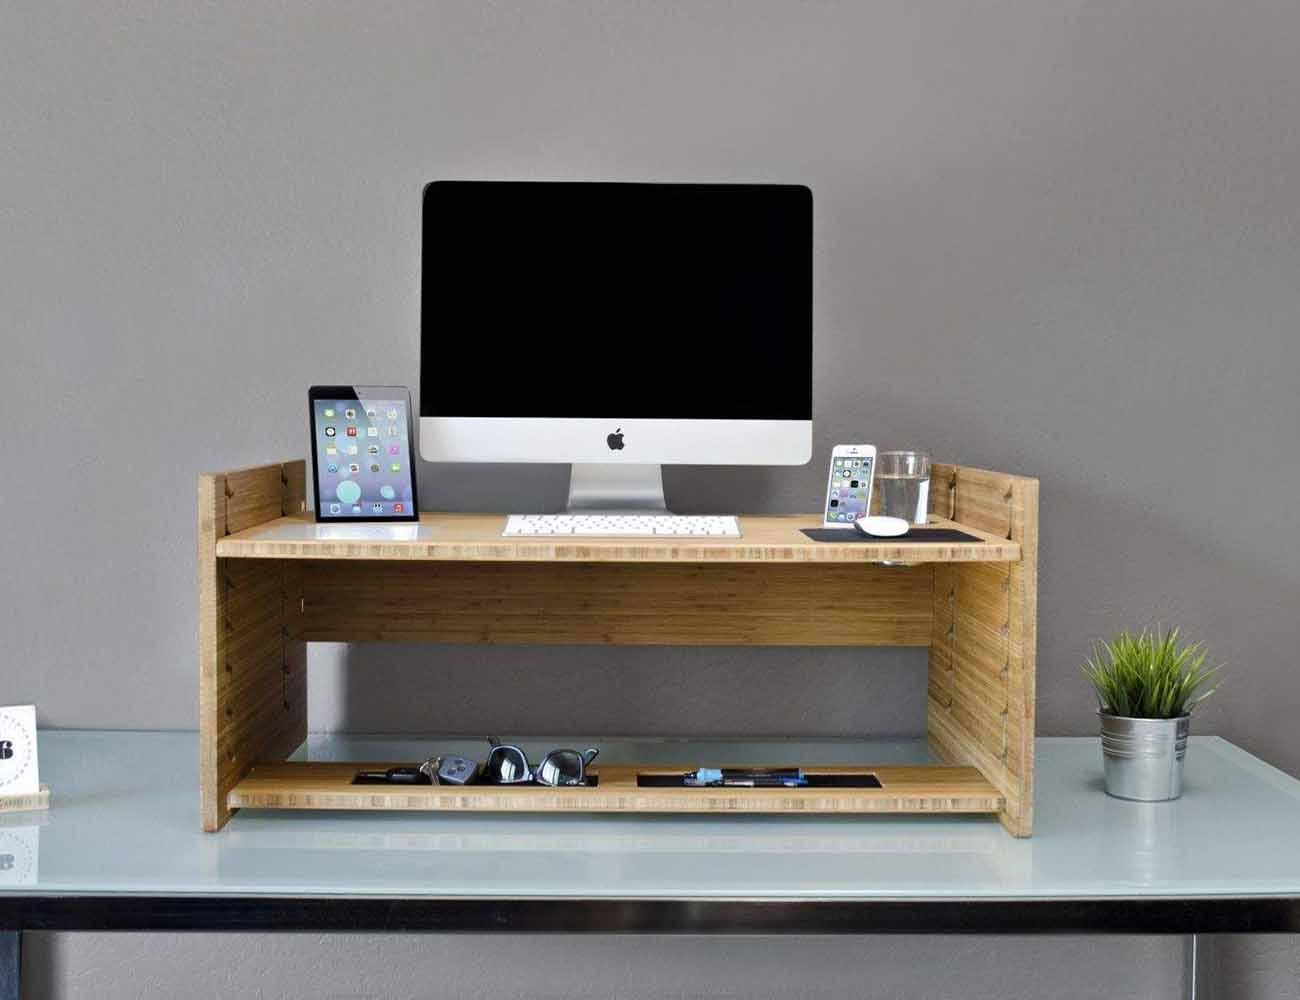 LIFT Adjustable Smart Desk by iSkelter  Gadget Flow